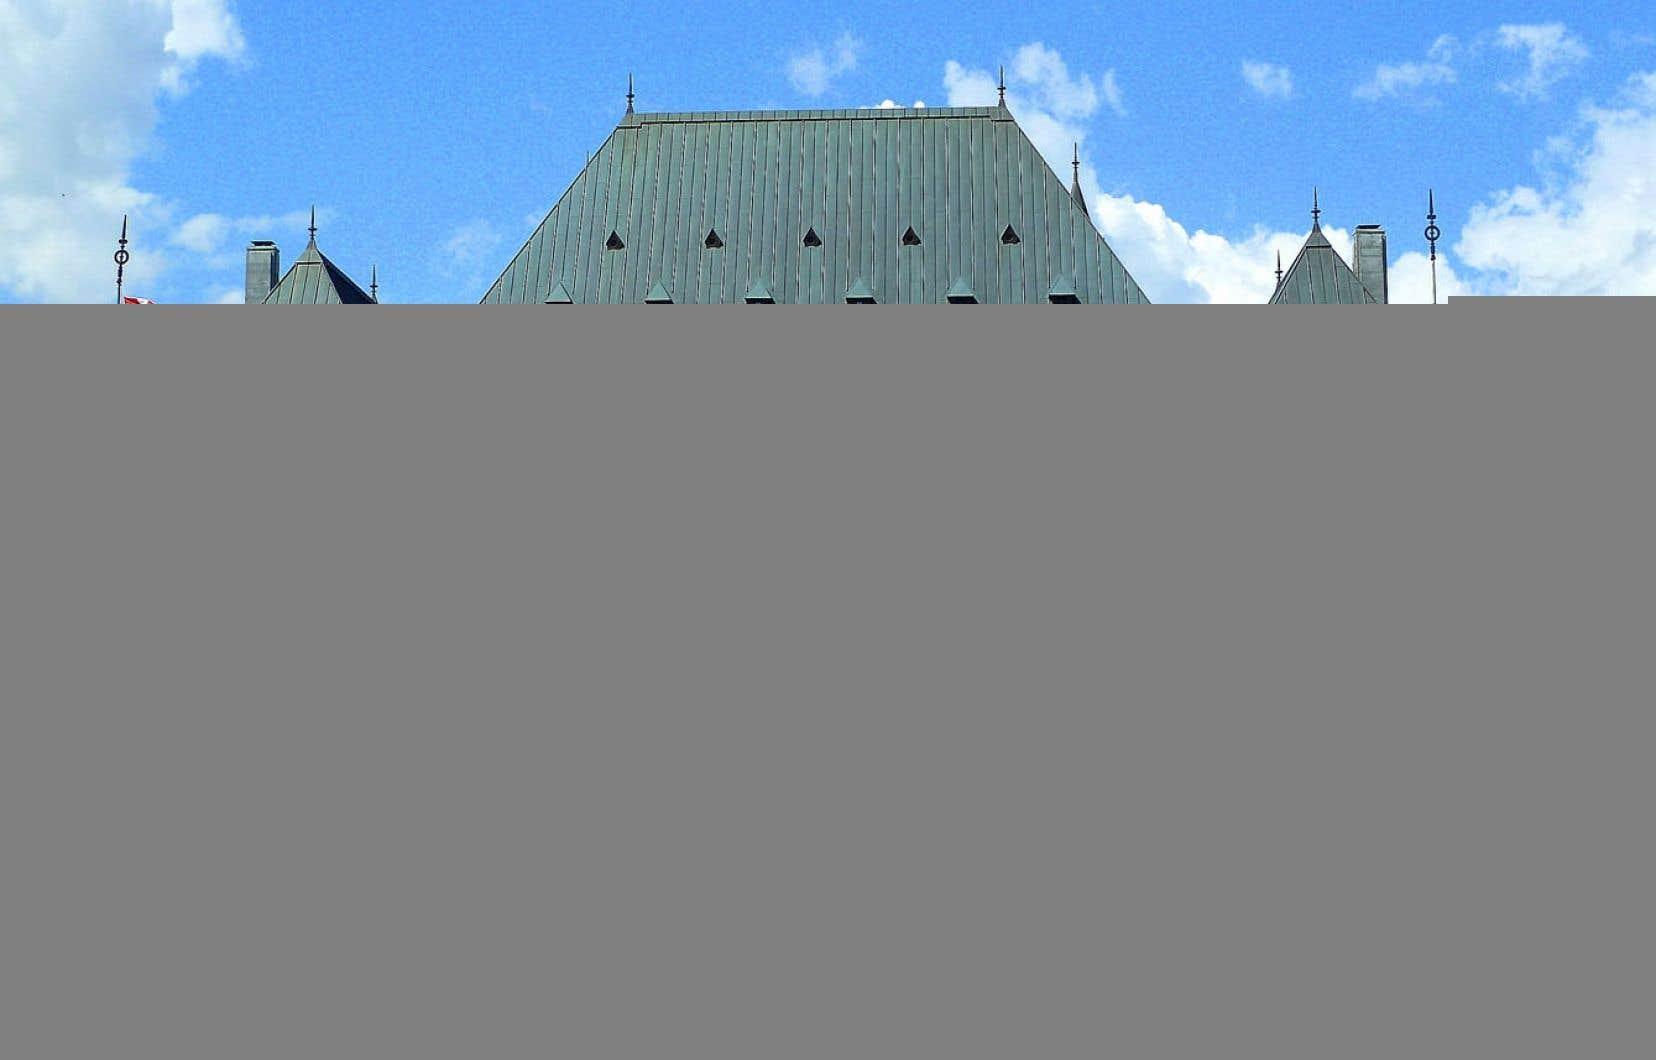 Après d'autres institutions, le gouvernement Harper s'en prend maintenant à la Cour suprême.